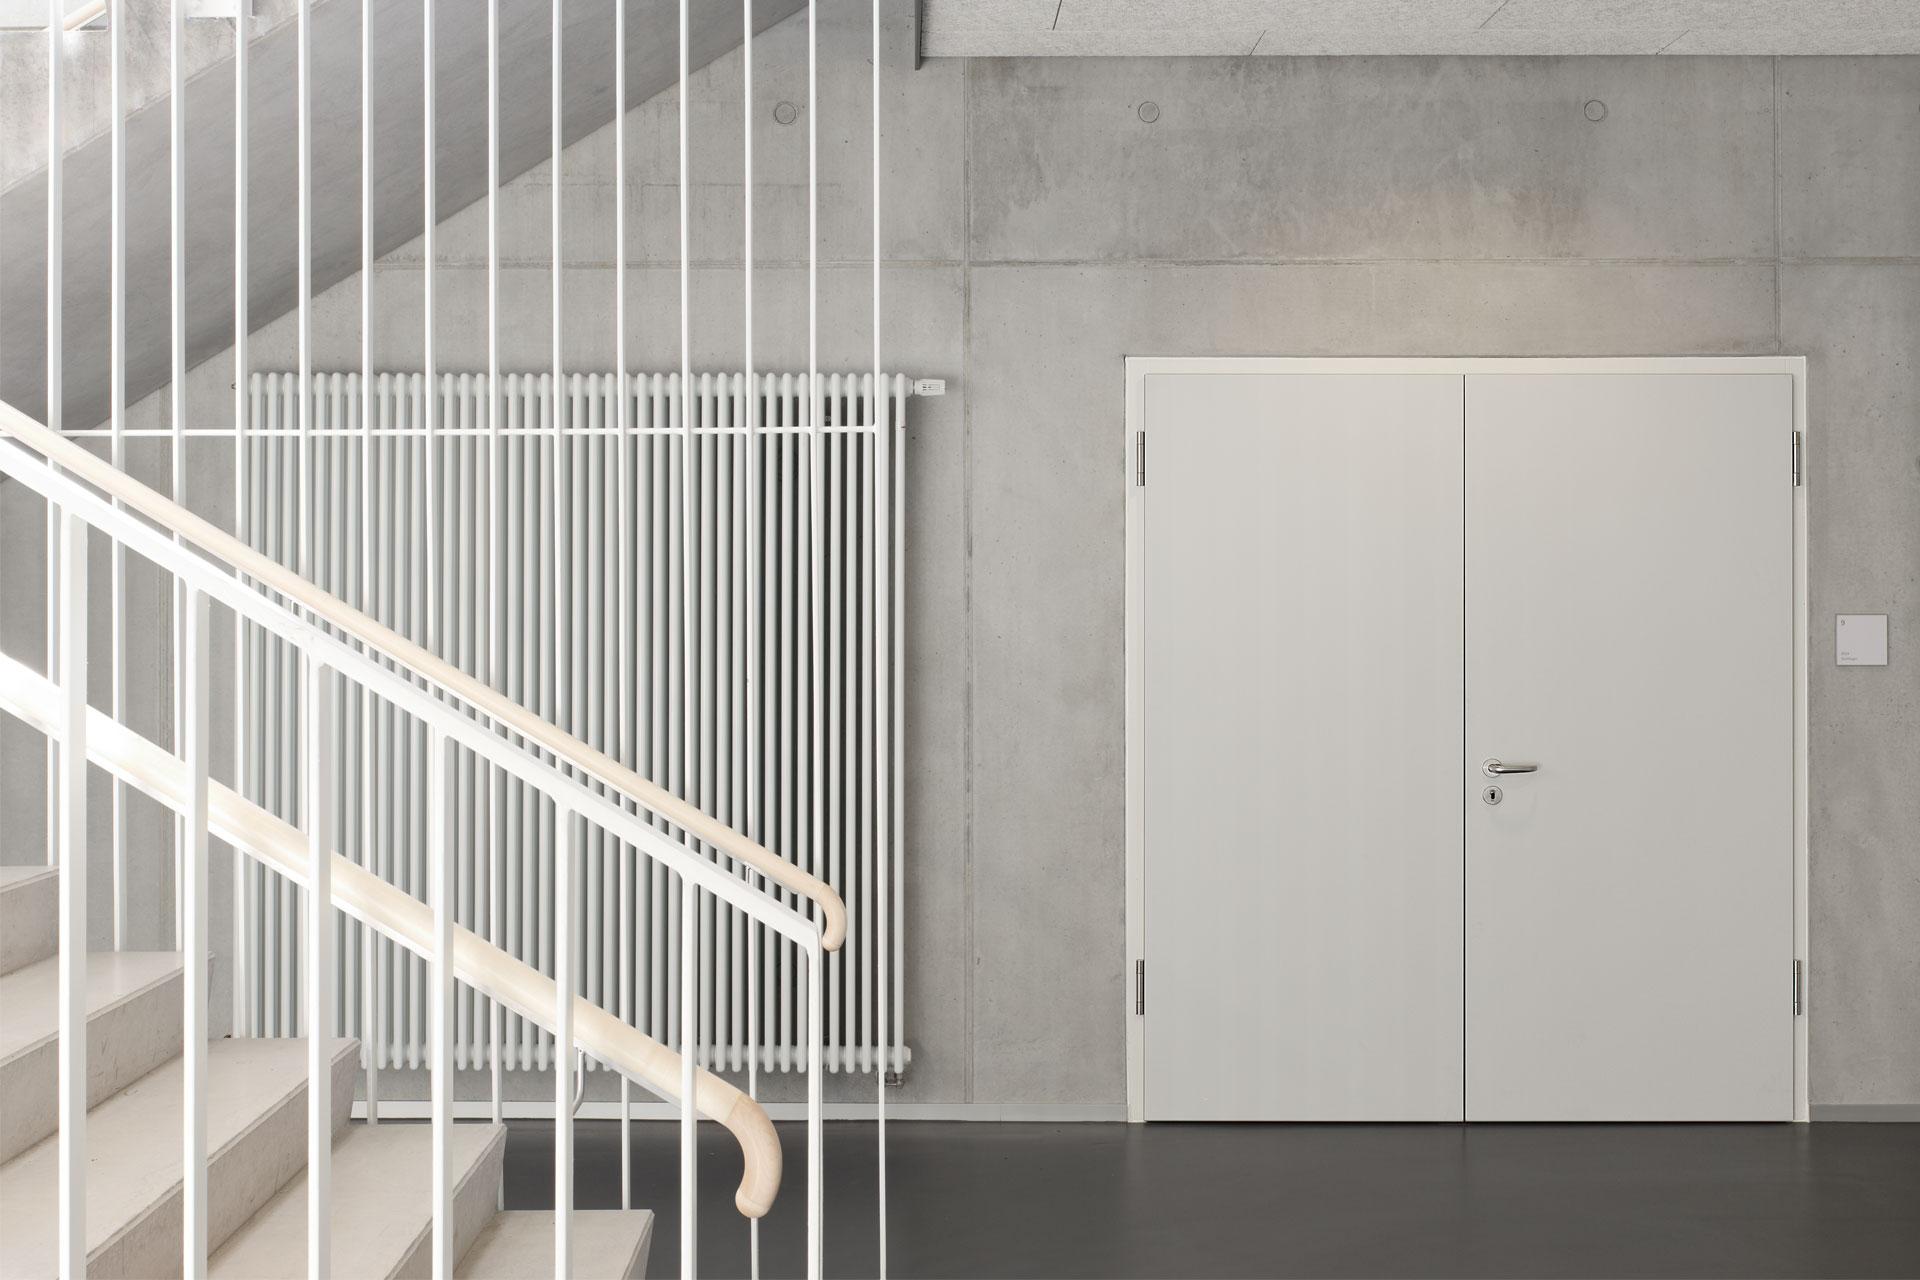 Architekt, Erweiterungsneubau, Treppenhaus, Werkräume, Sichtbetonwand